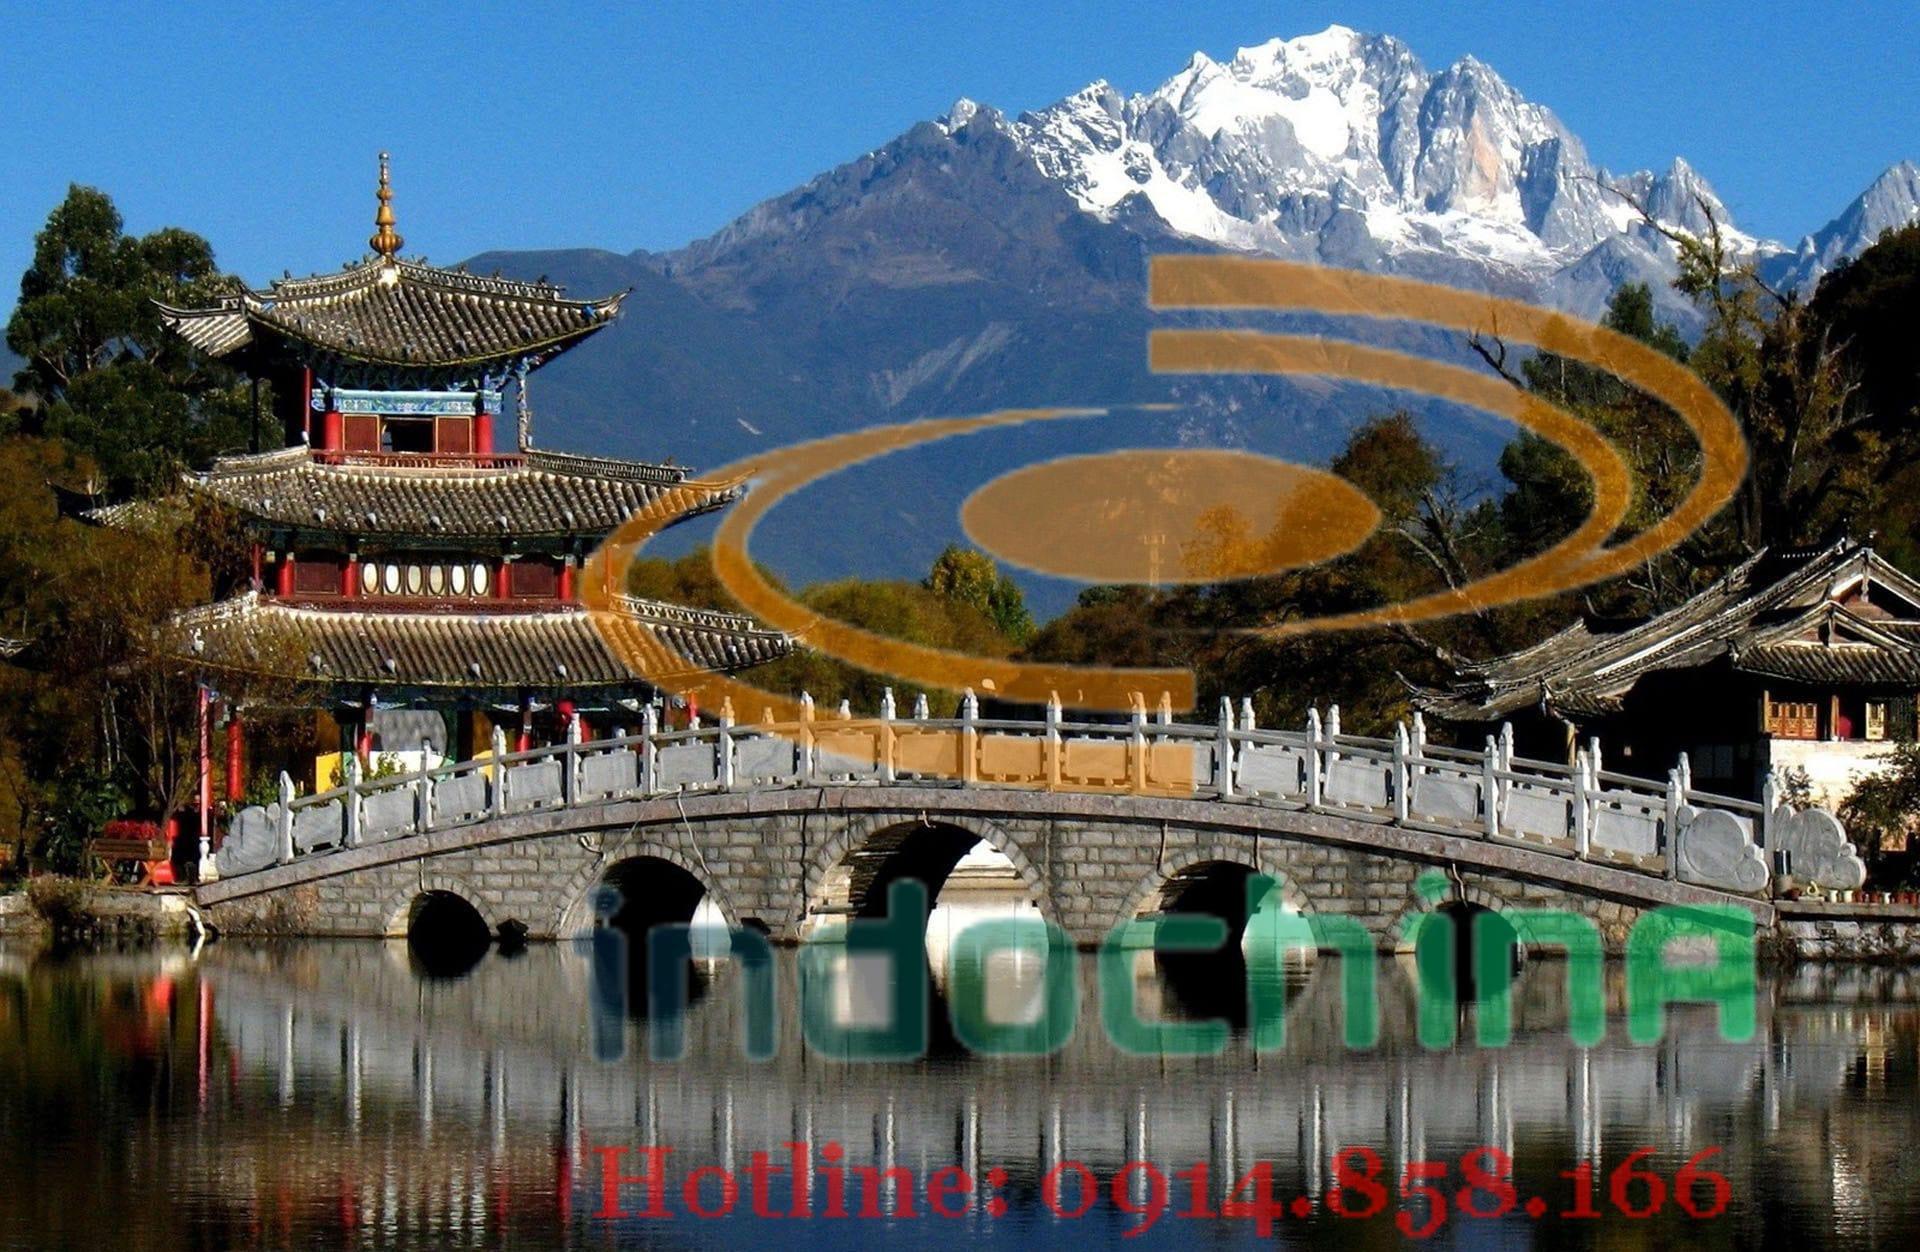 Kinh nghiệm gửi hàng Trung Quốc cho người mới kinh doanh